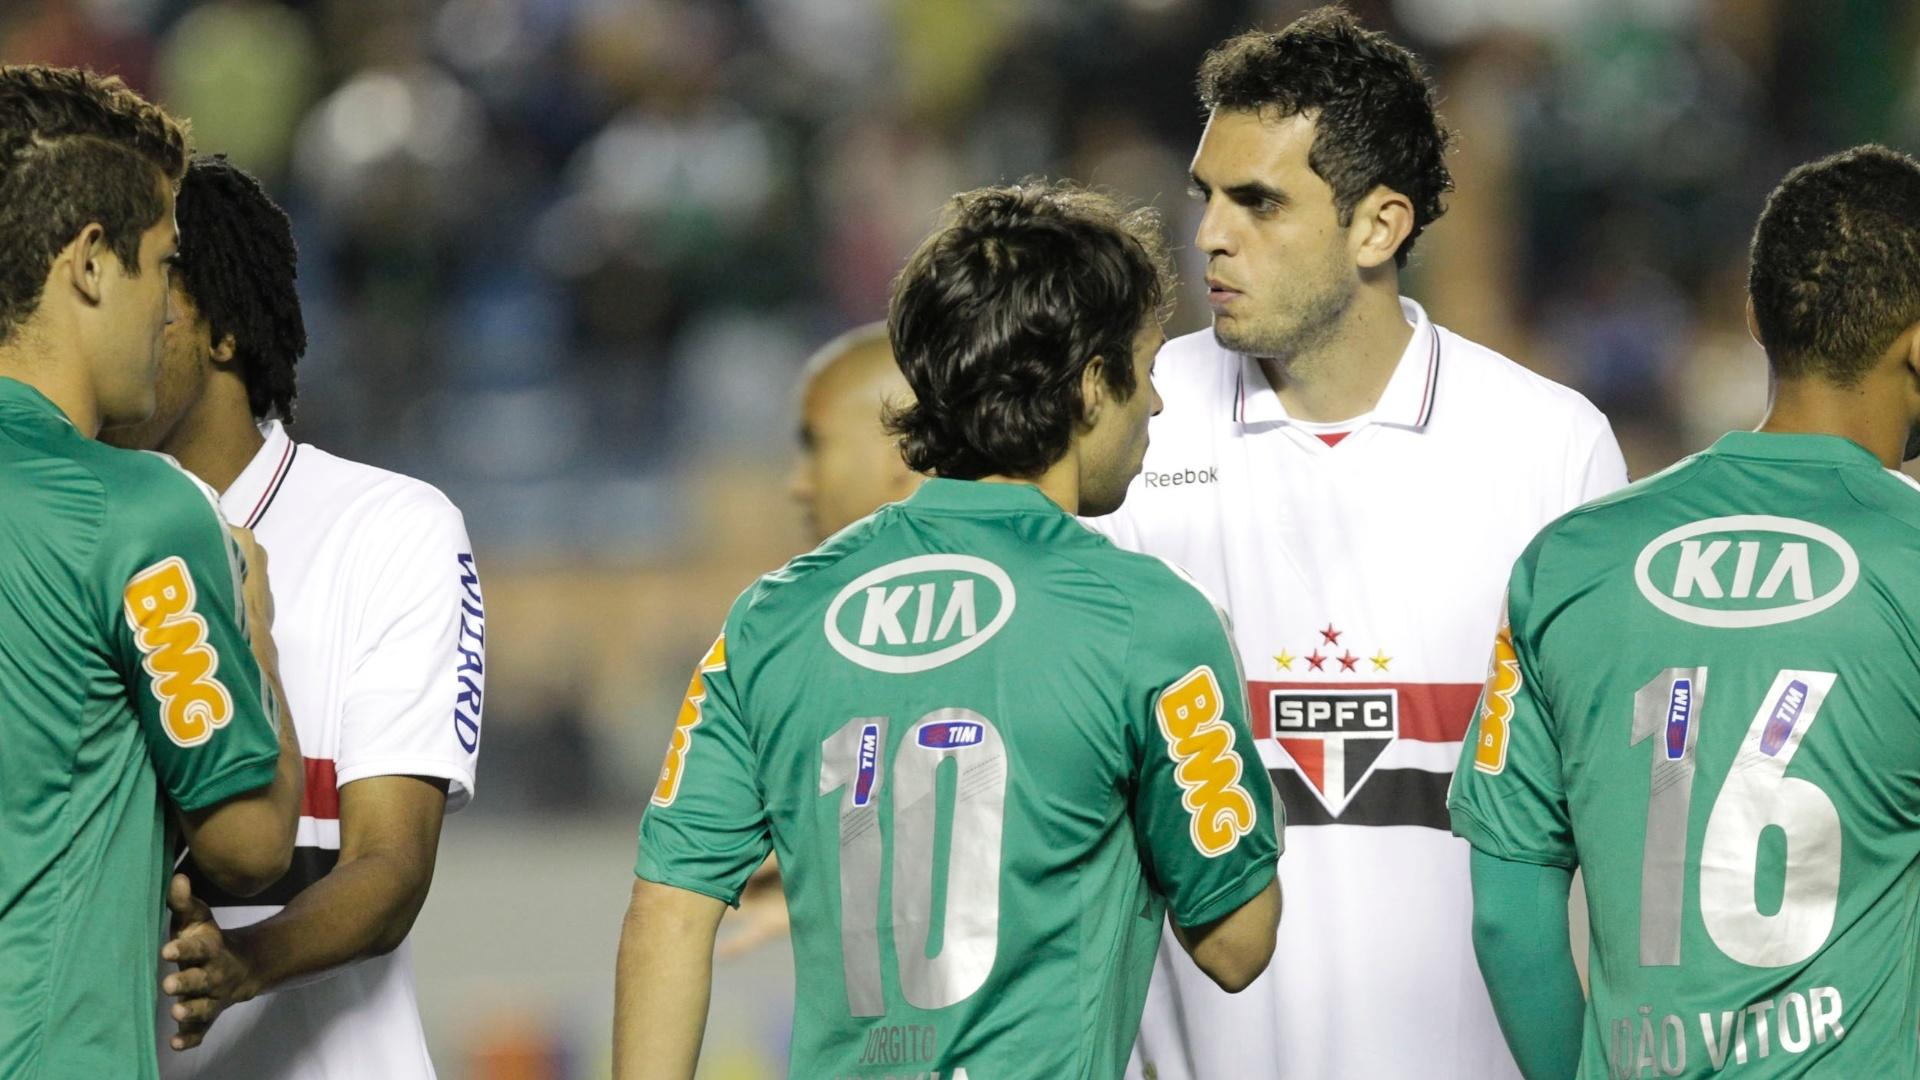 Jogadores de Palmeiras e São Paulo se cumprimentam antes do início do clássico